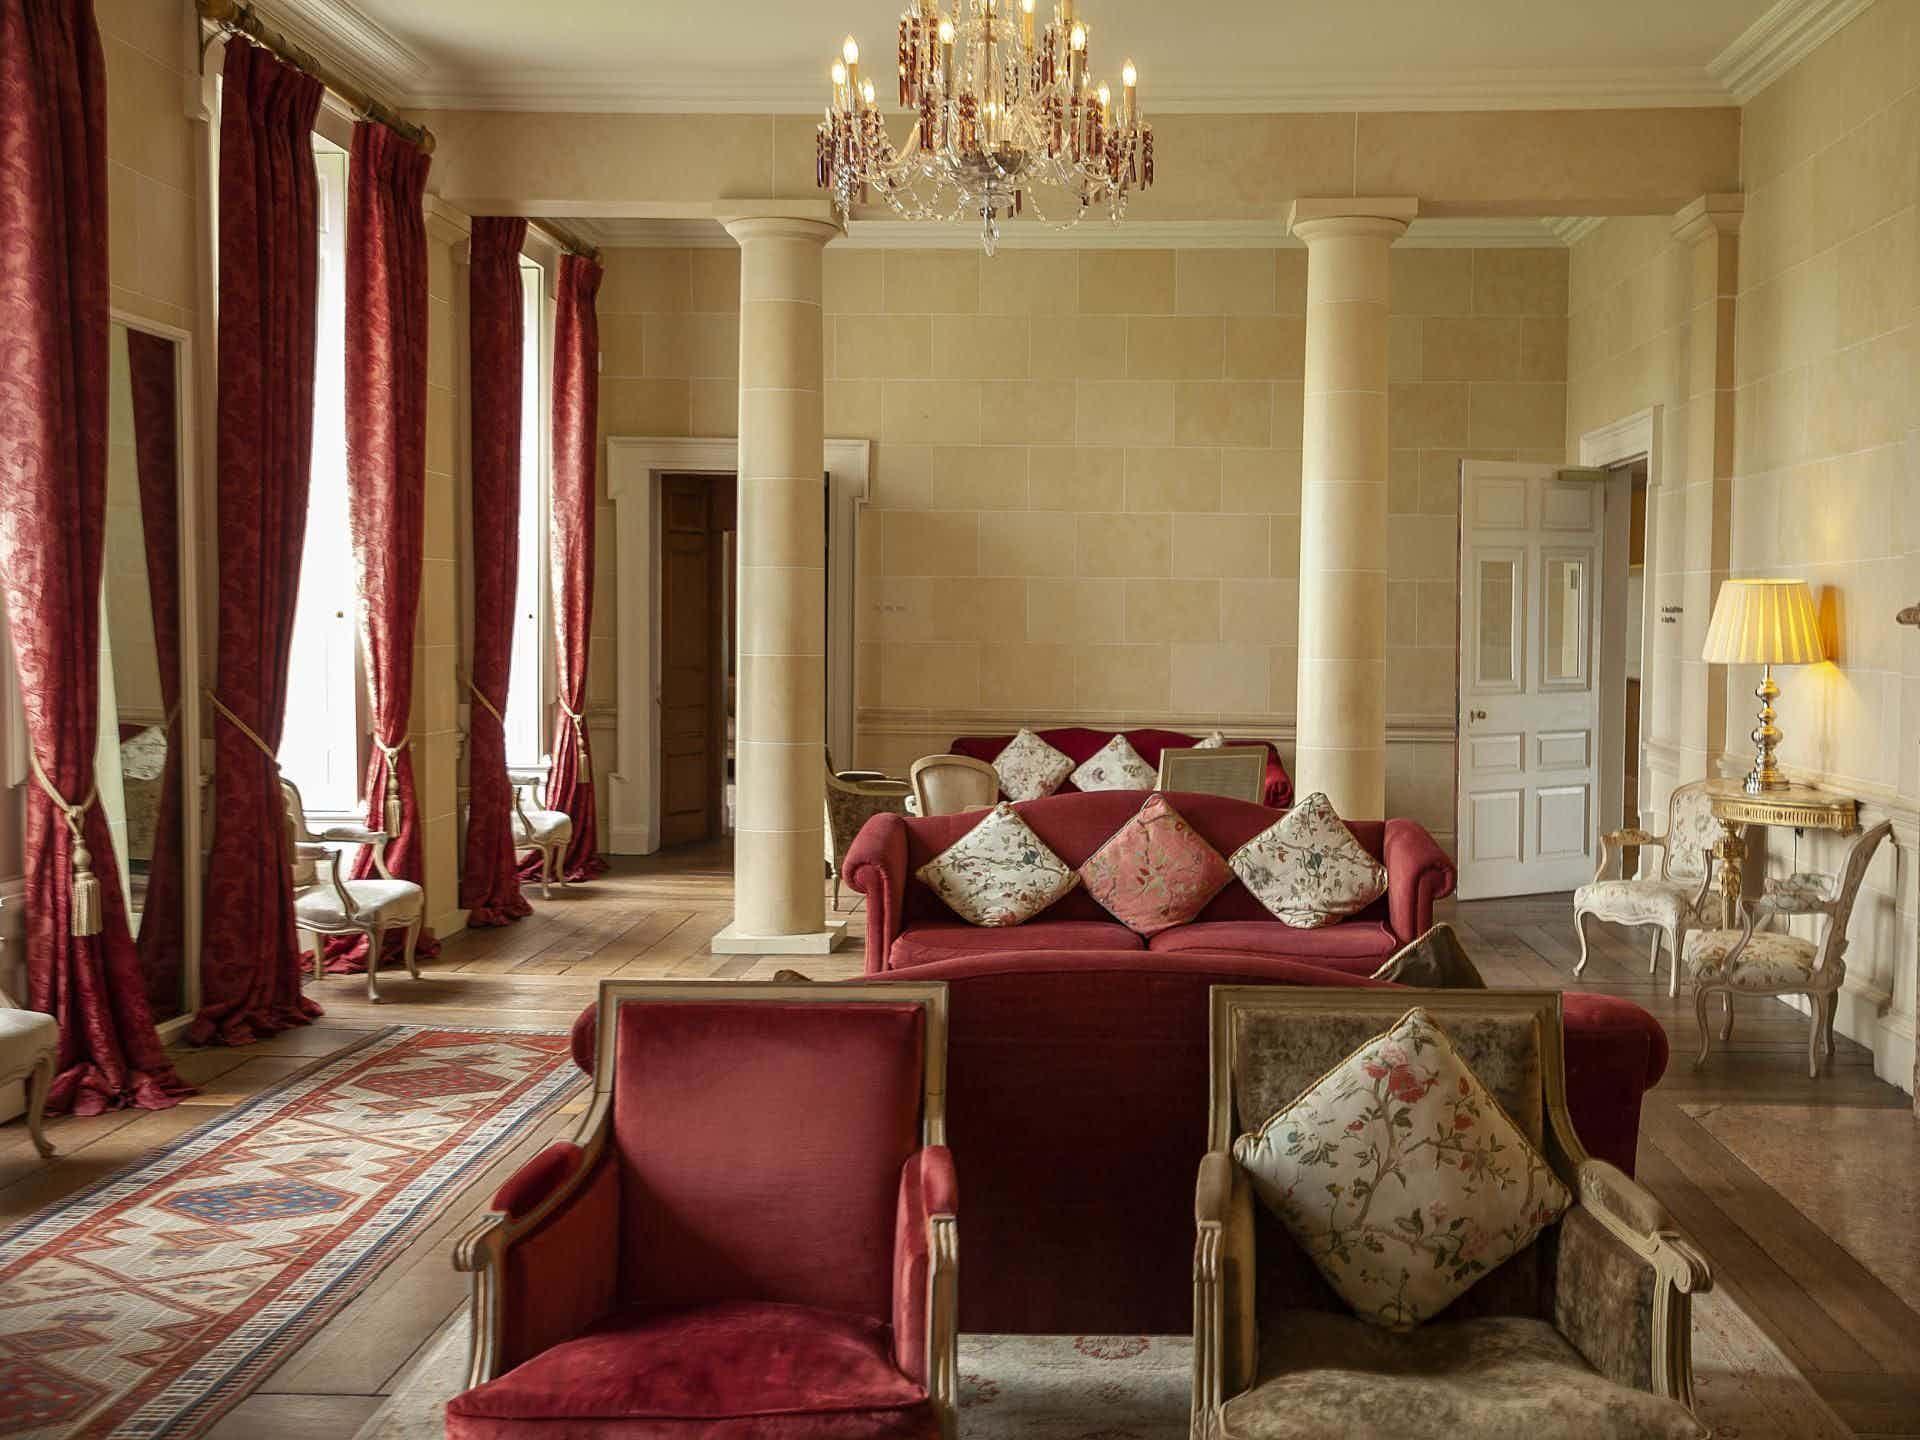 The Mallaghan Room, Carton House